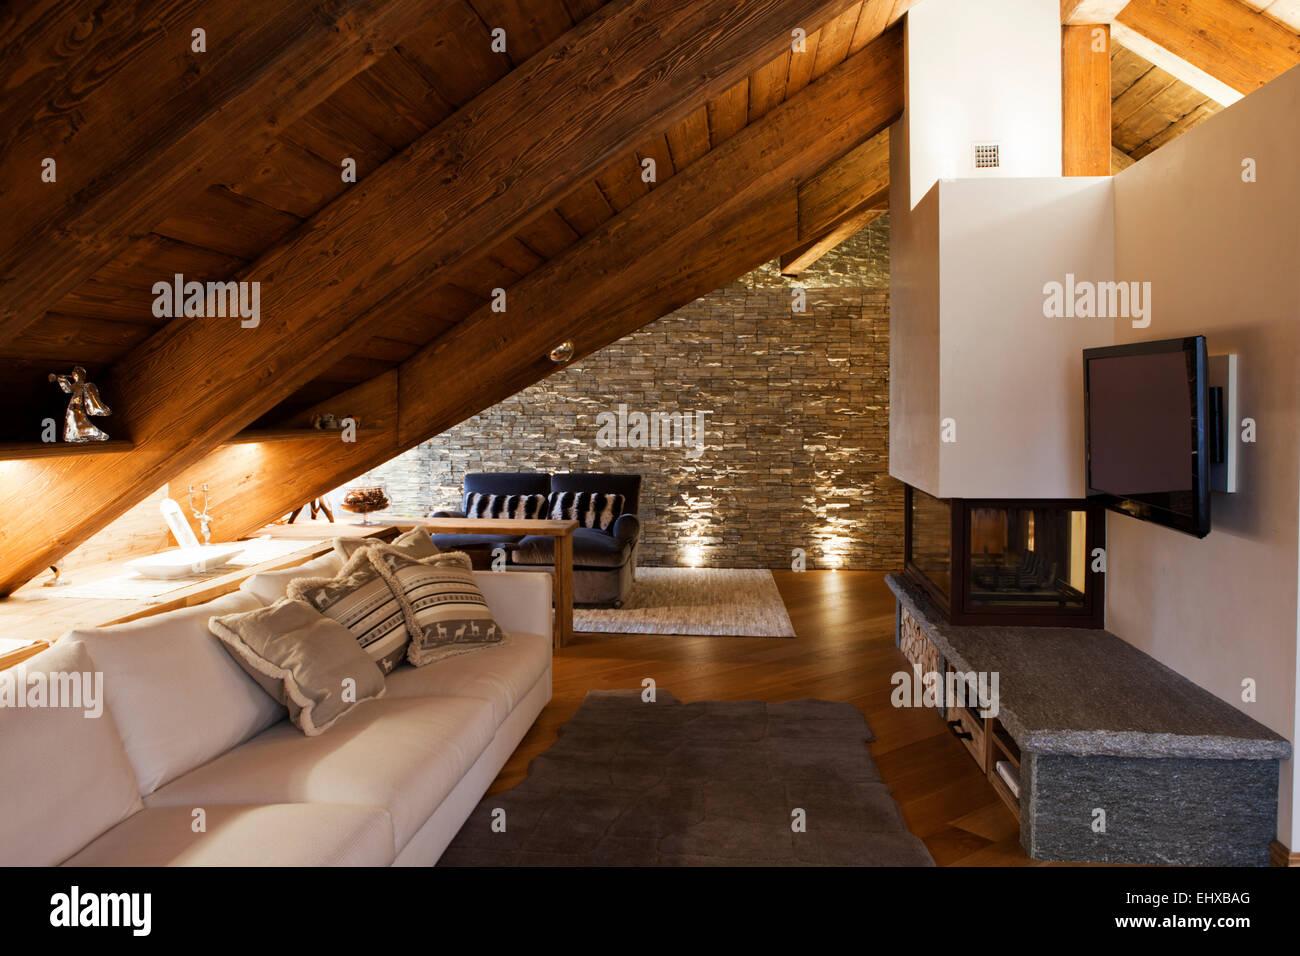 Luxus Wohnzimmer In Alpine Hutte Mit Kamin Und Steinernen